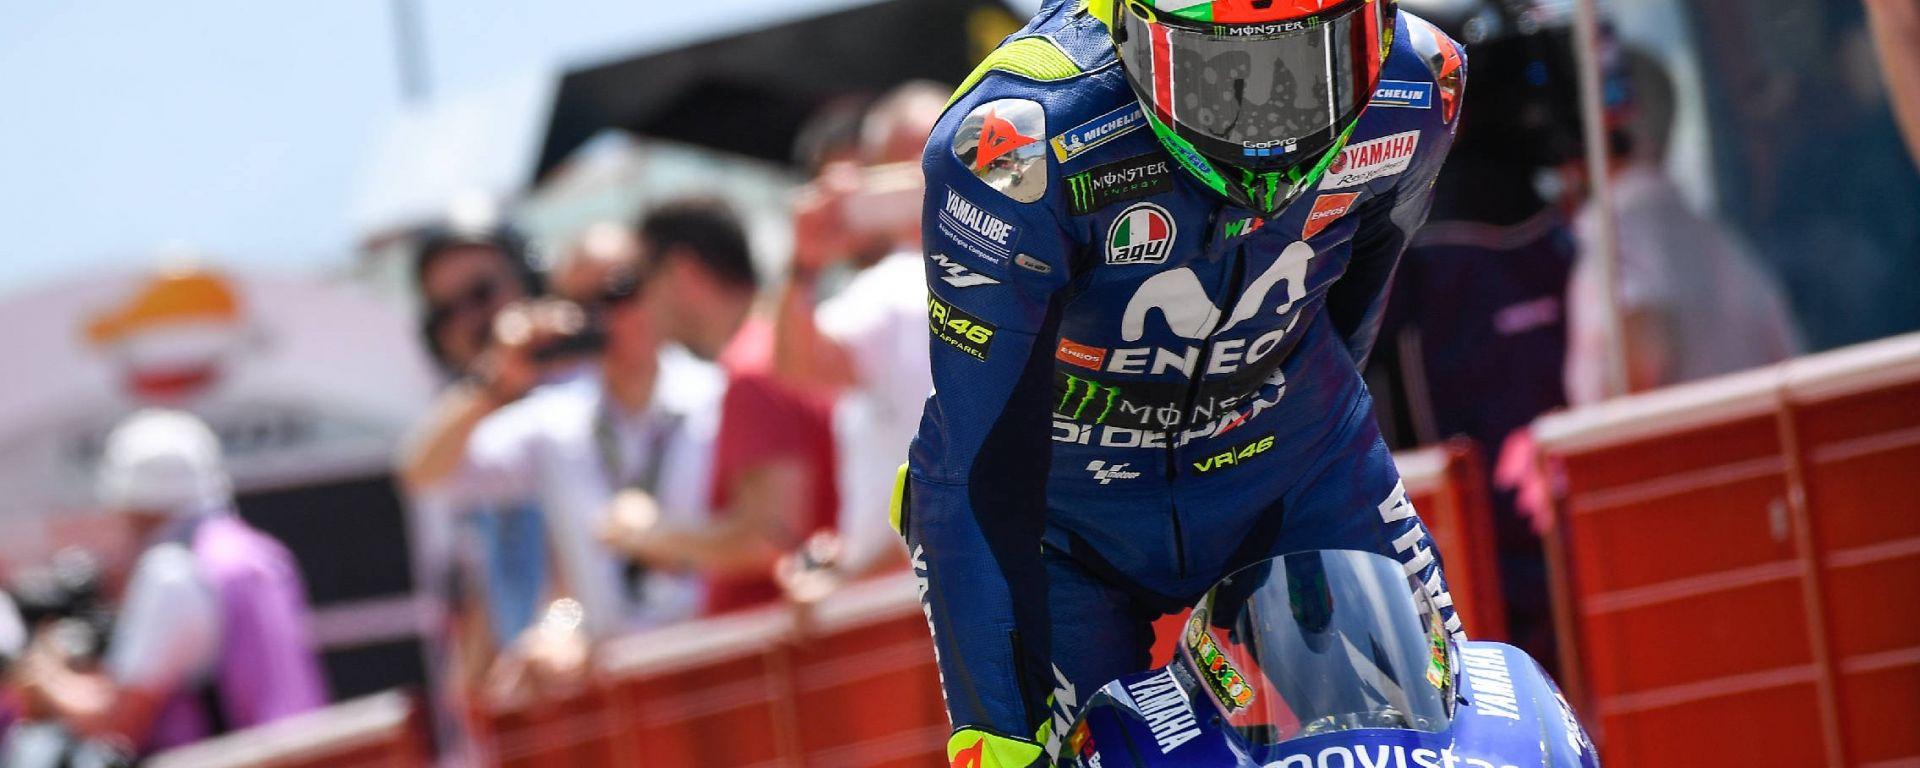 MotoGP Mugello 2018: Valentino Rossi sigla pole e record